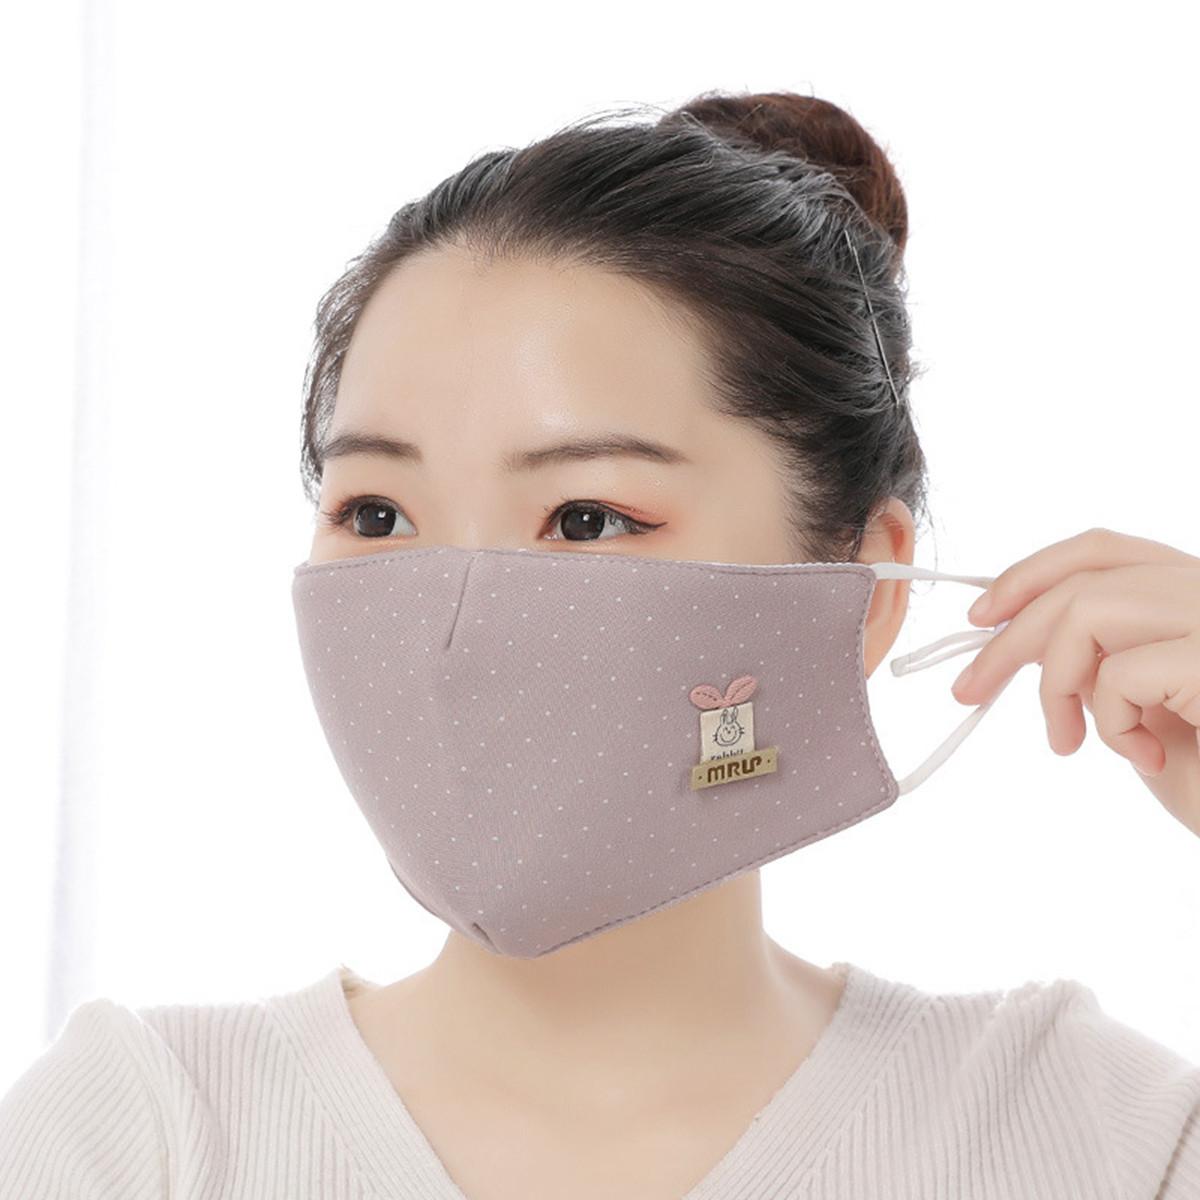 4个装可水洗韩版甜美贴花棉布防尘霾口罩小清新波点立体防护口罩